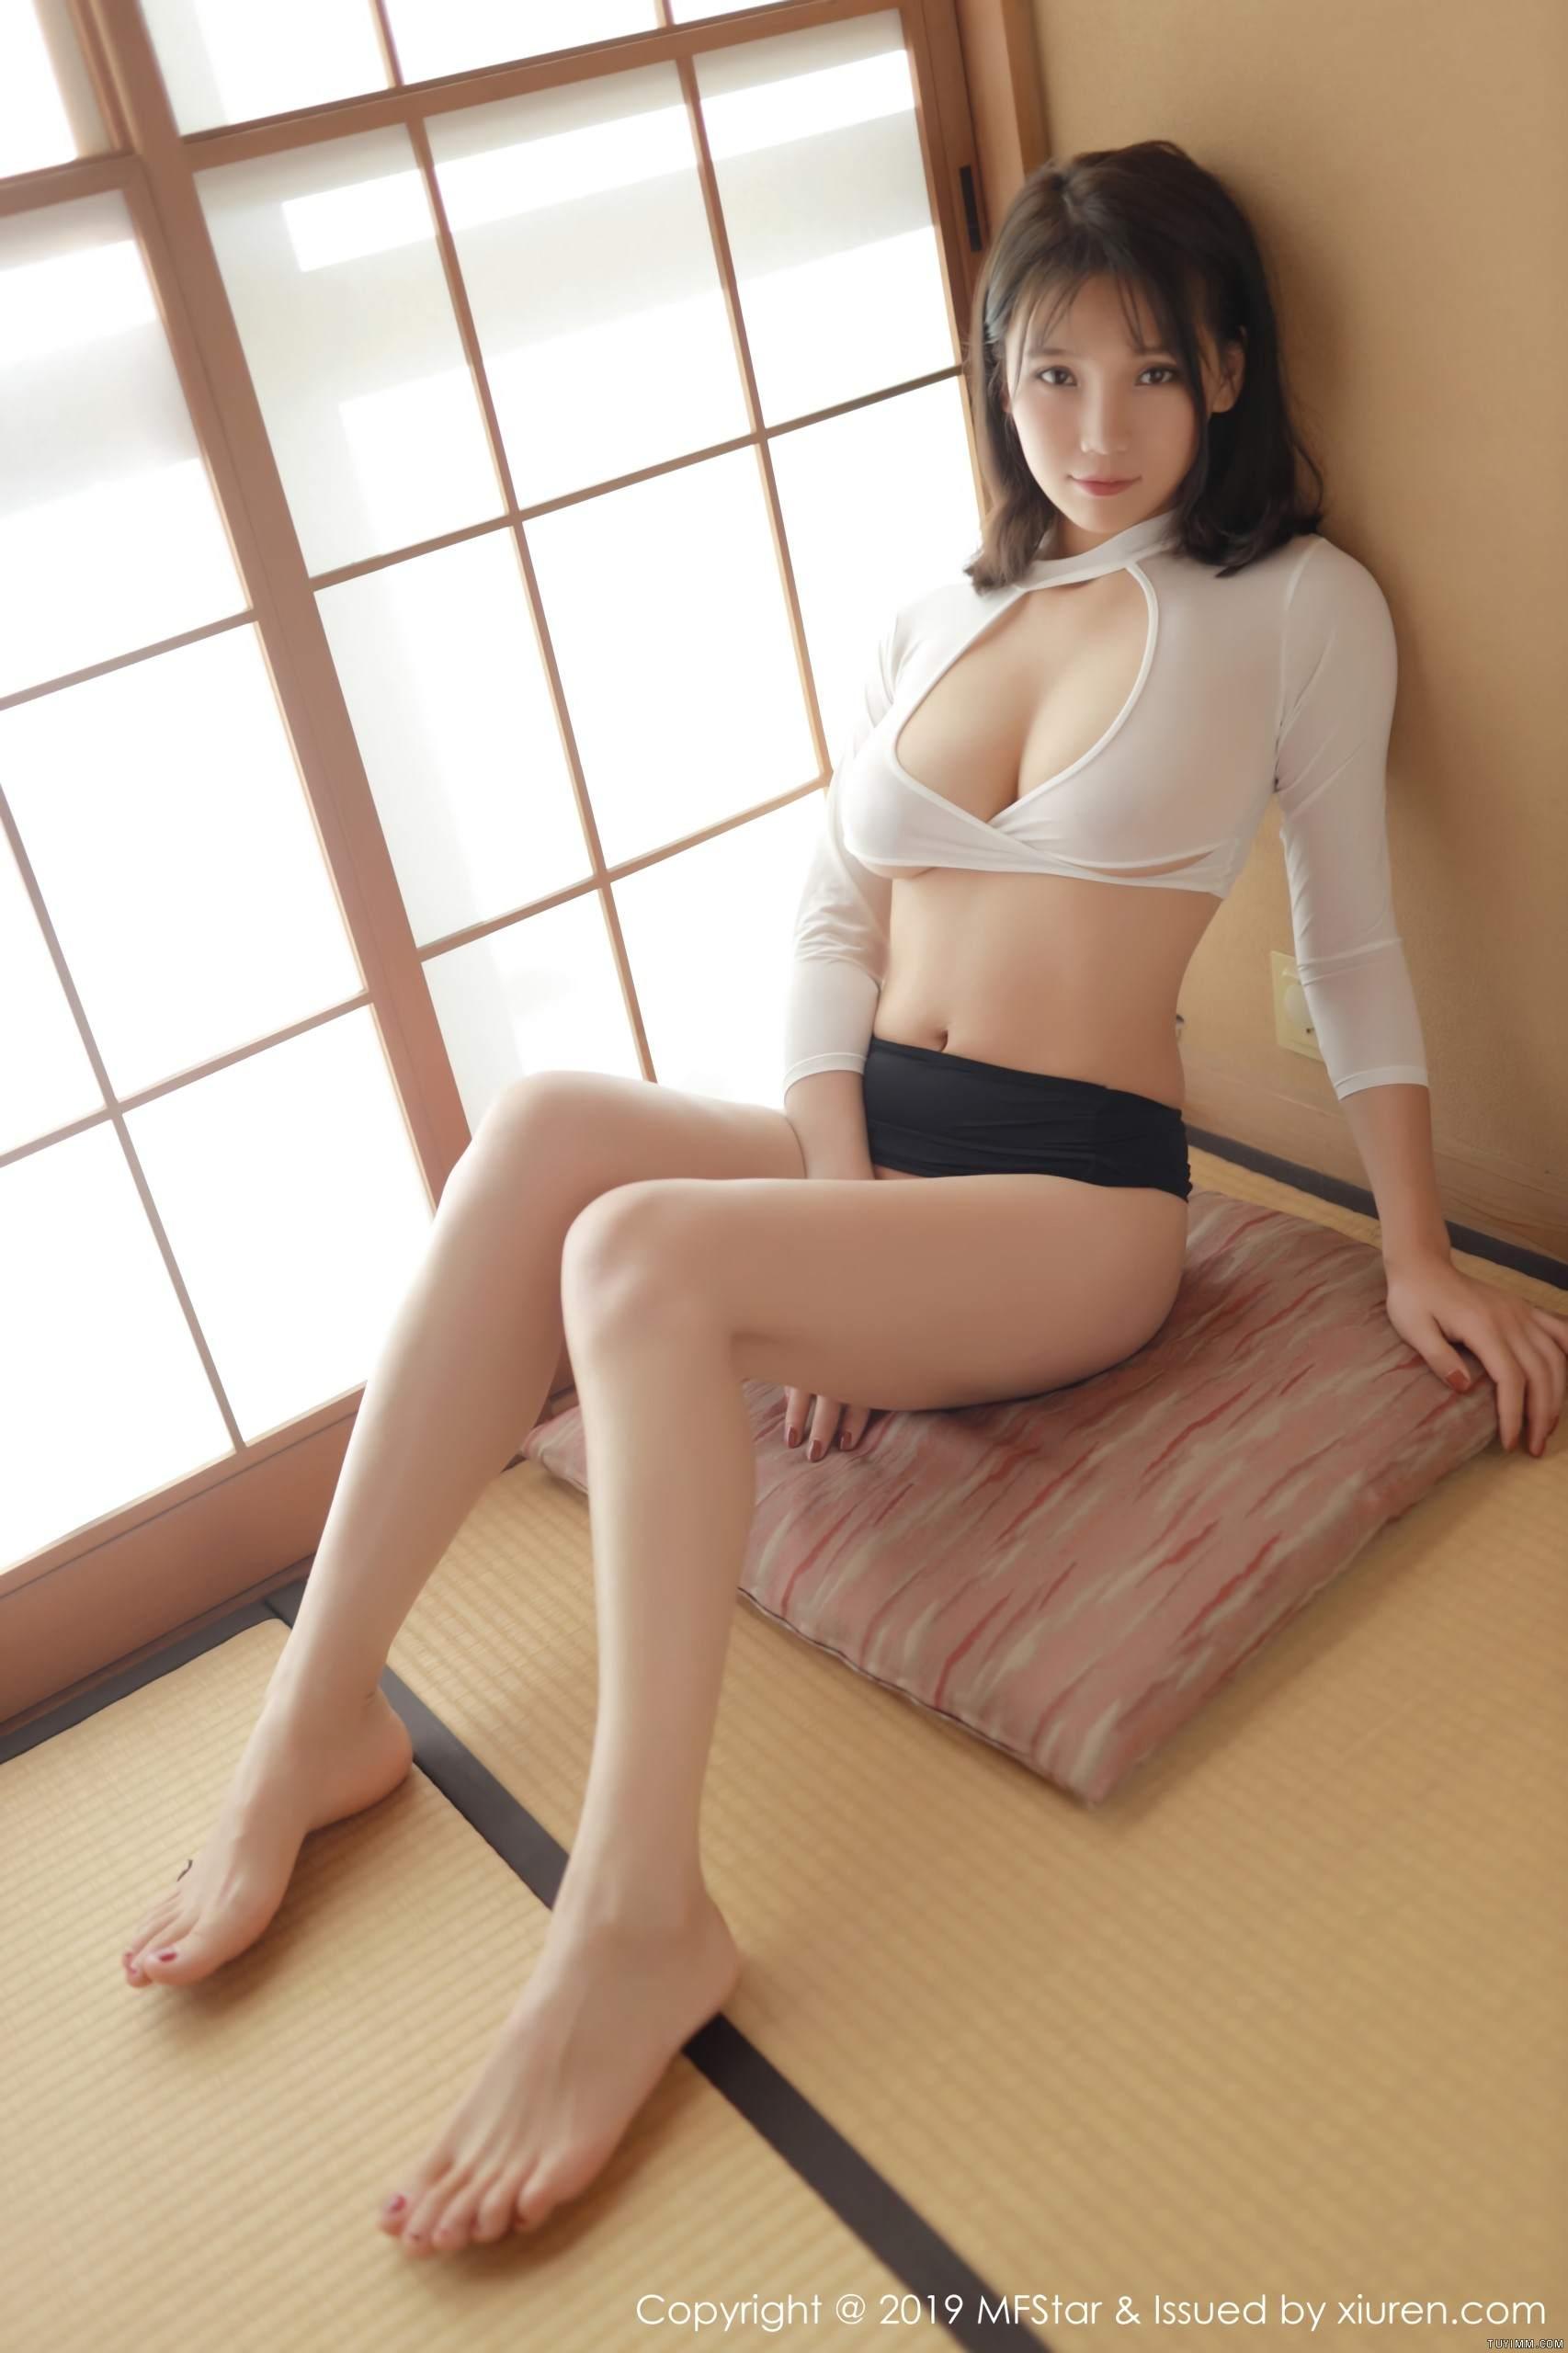 [福利]风骚模特黑丝美腿床上无遮挡人体艺术写真-第45张图片-哔哔娱乐网